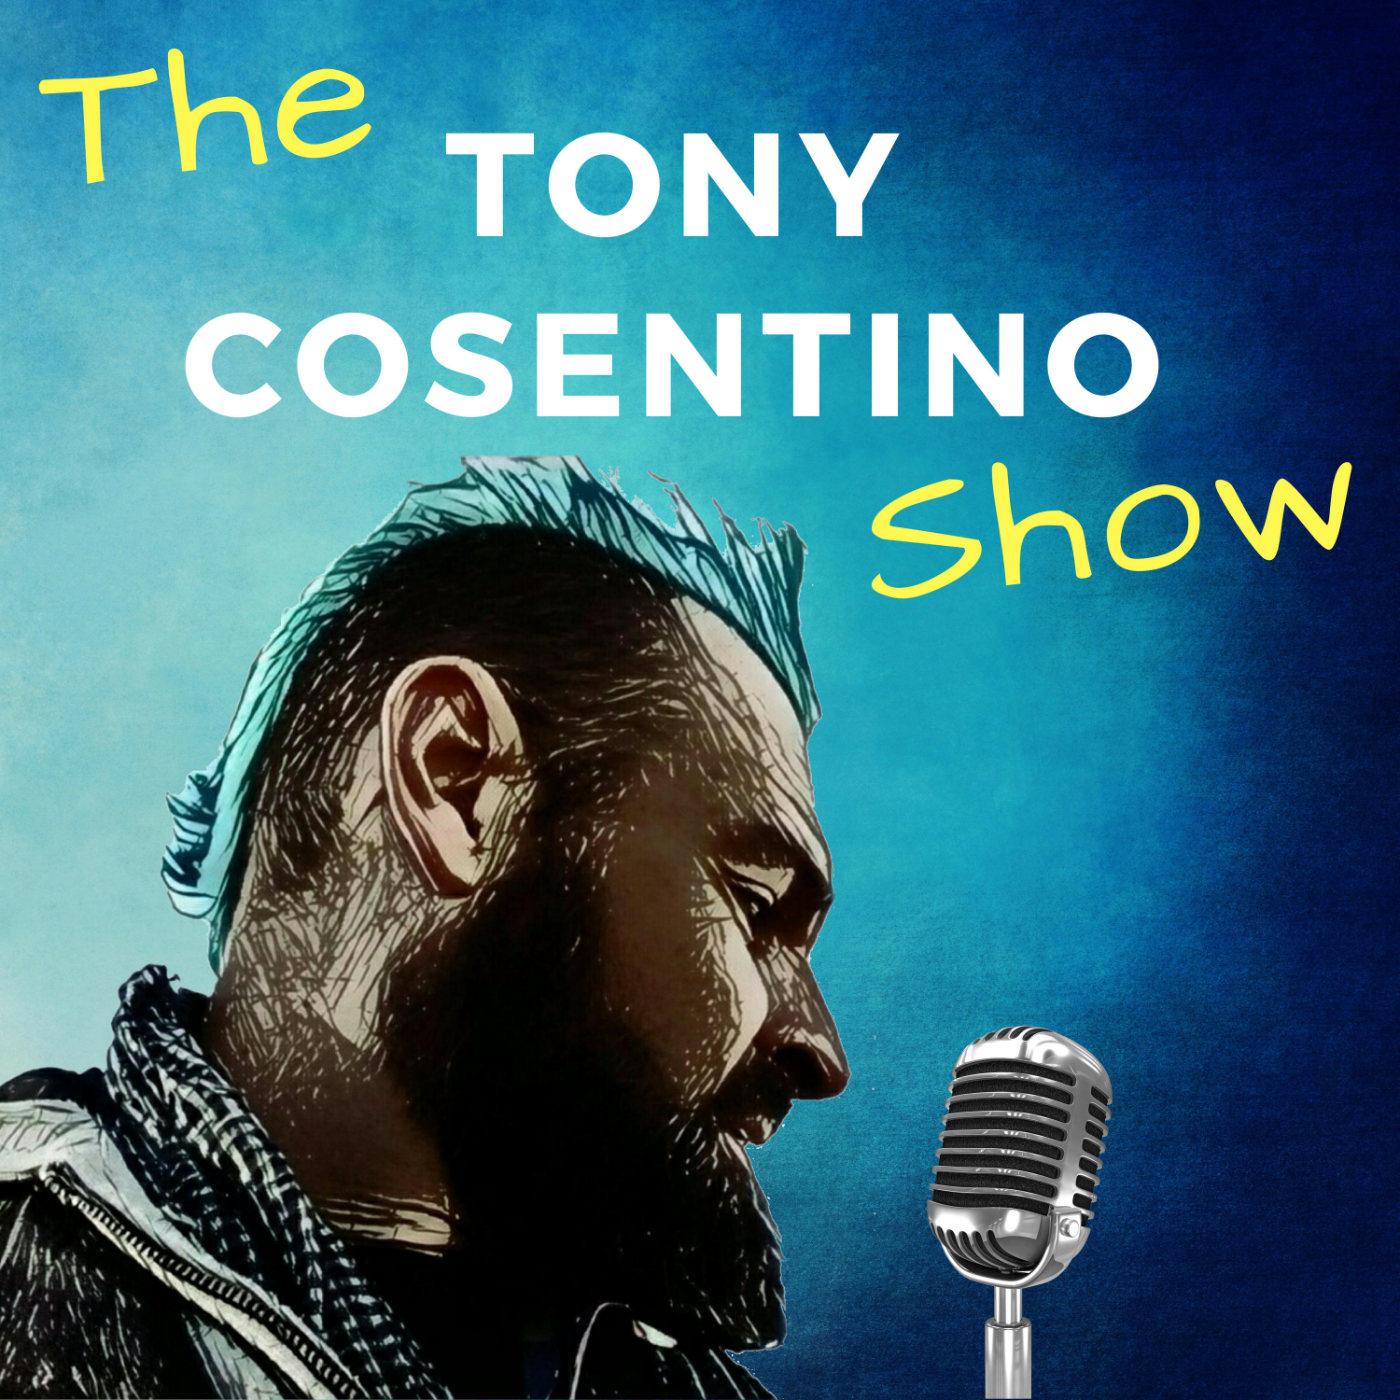 Tony Cosentino Show